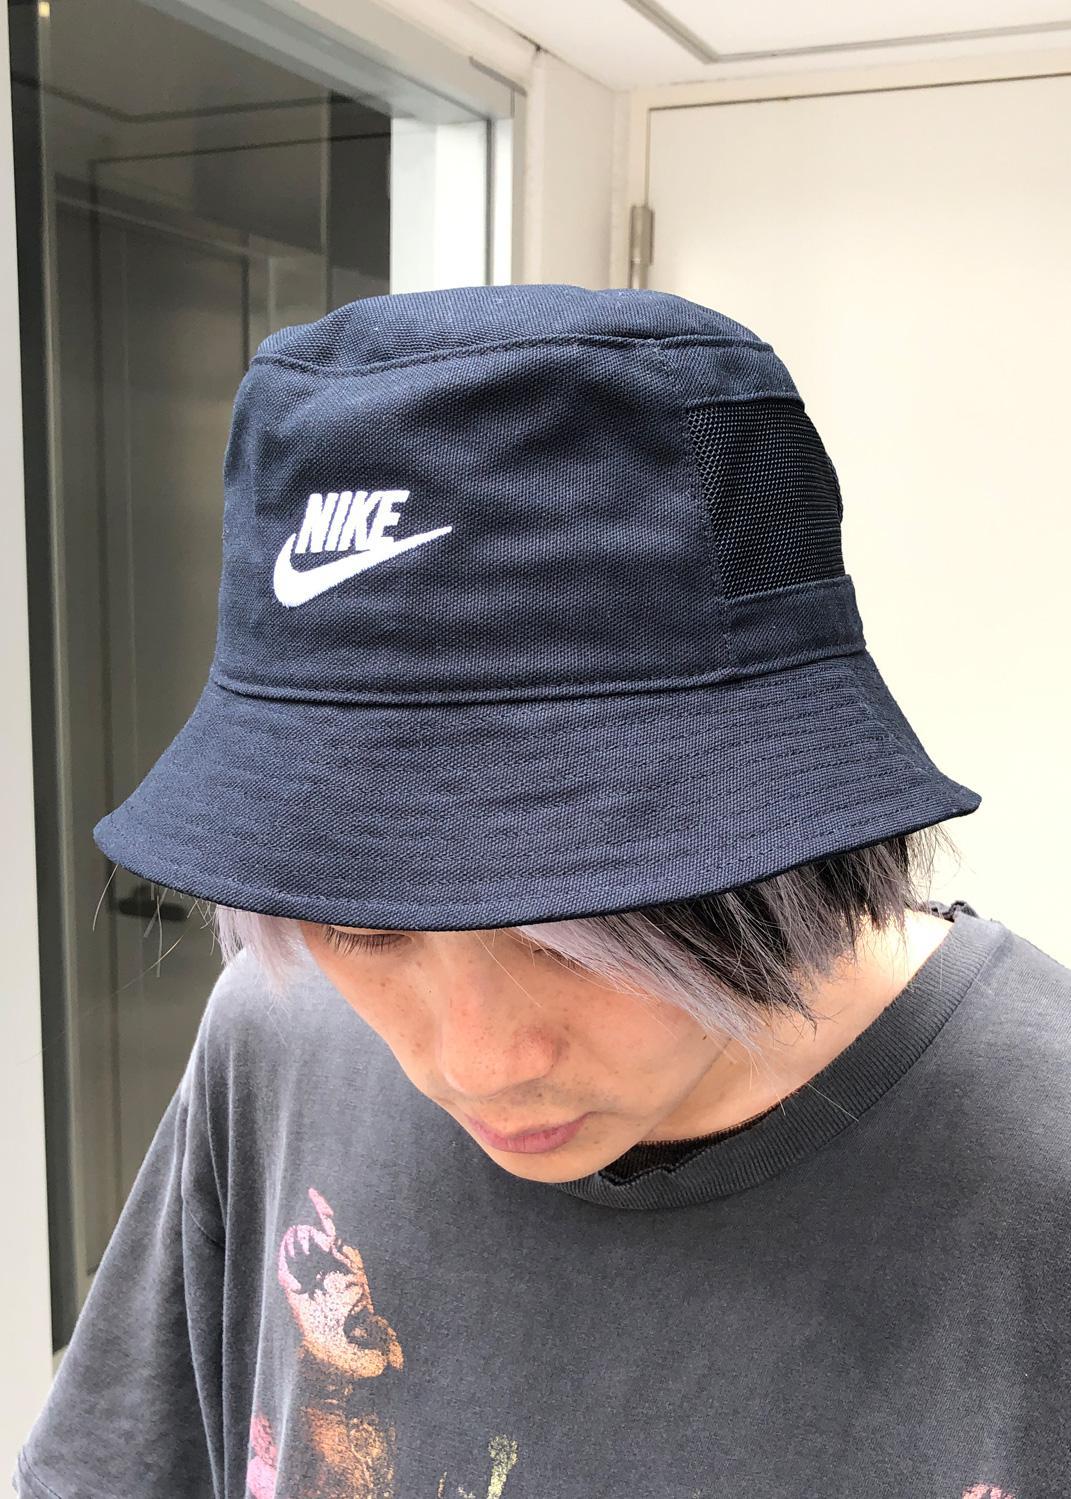 バケット ハット メンズ 似合う帽子のかぶり方、バケットハットの場合。 FASHION